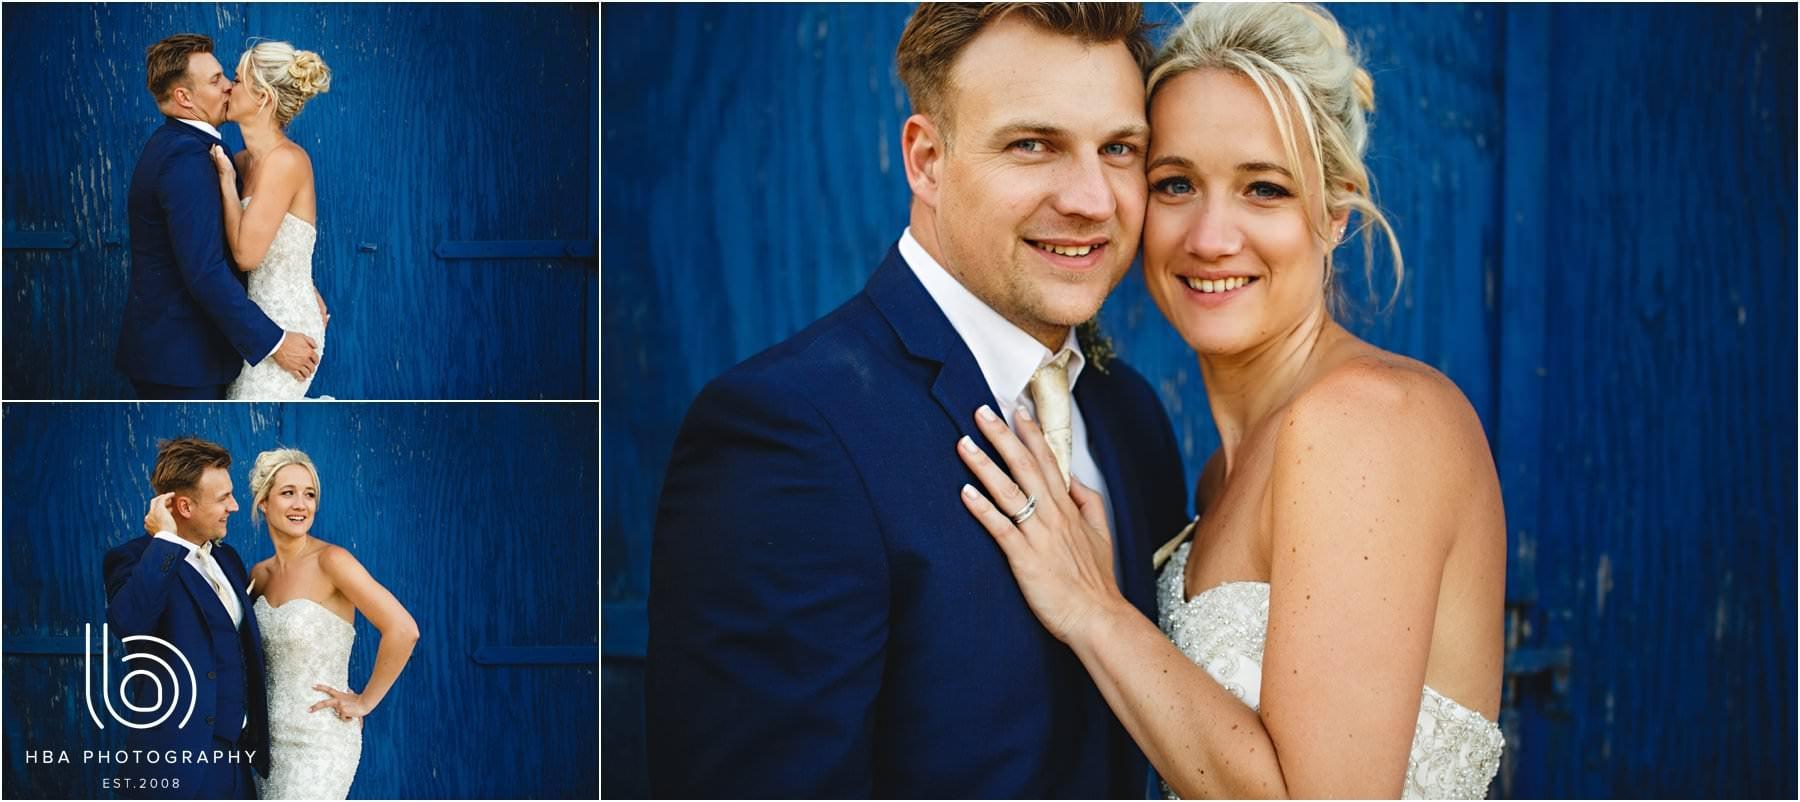 the bride & Groom infront of a big blue door